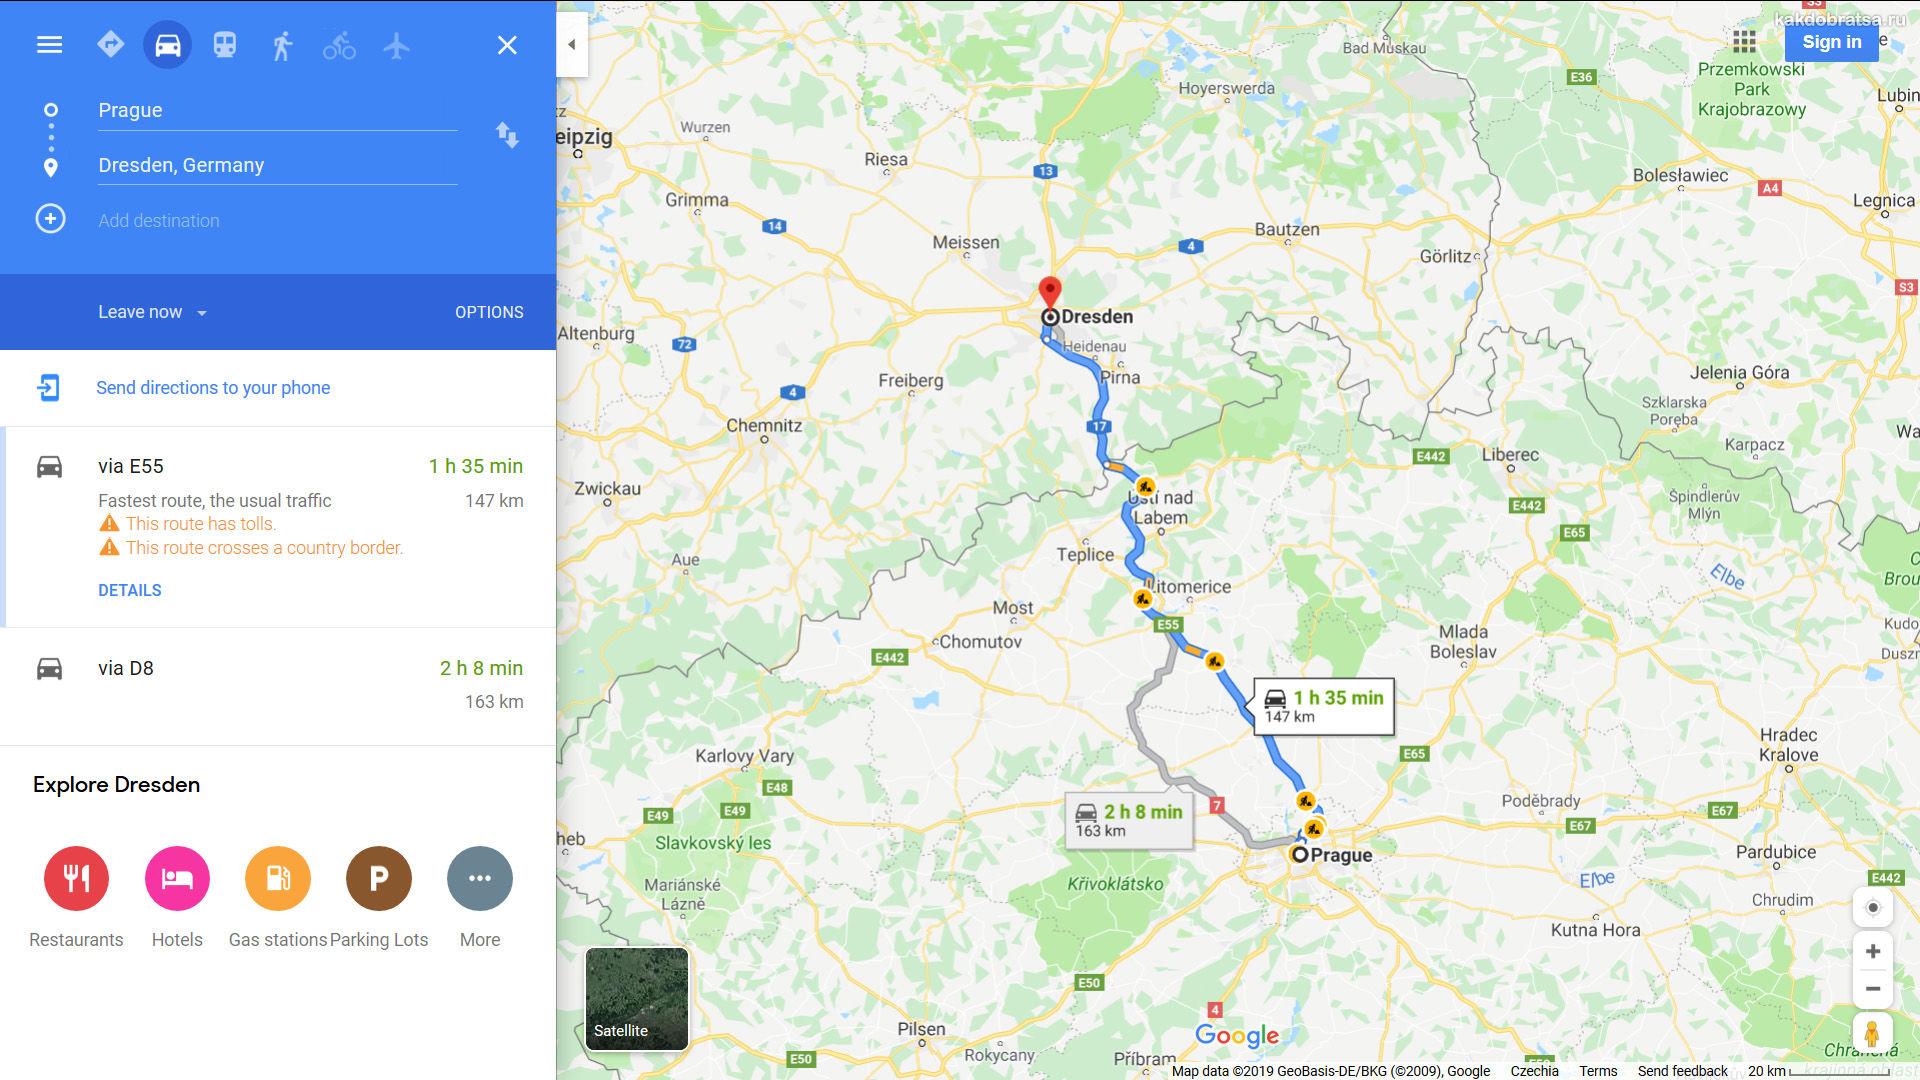 Как добраться из Праги в Дрезден расстояние время в пути